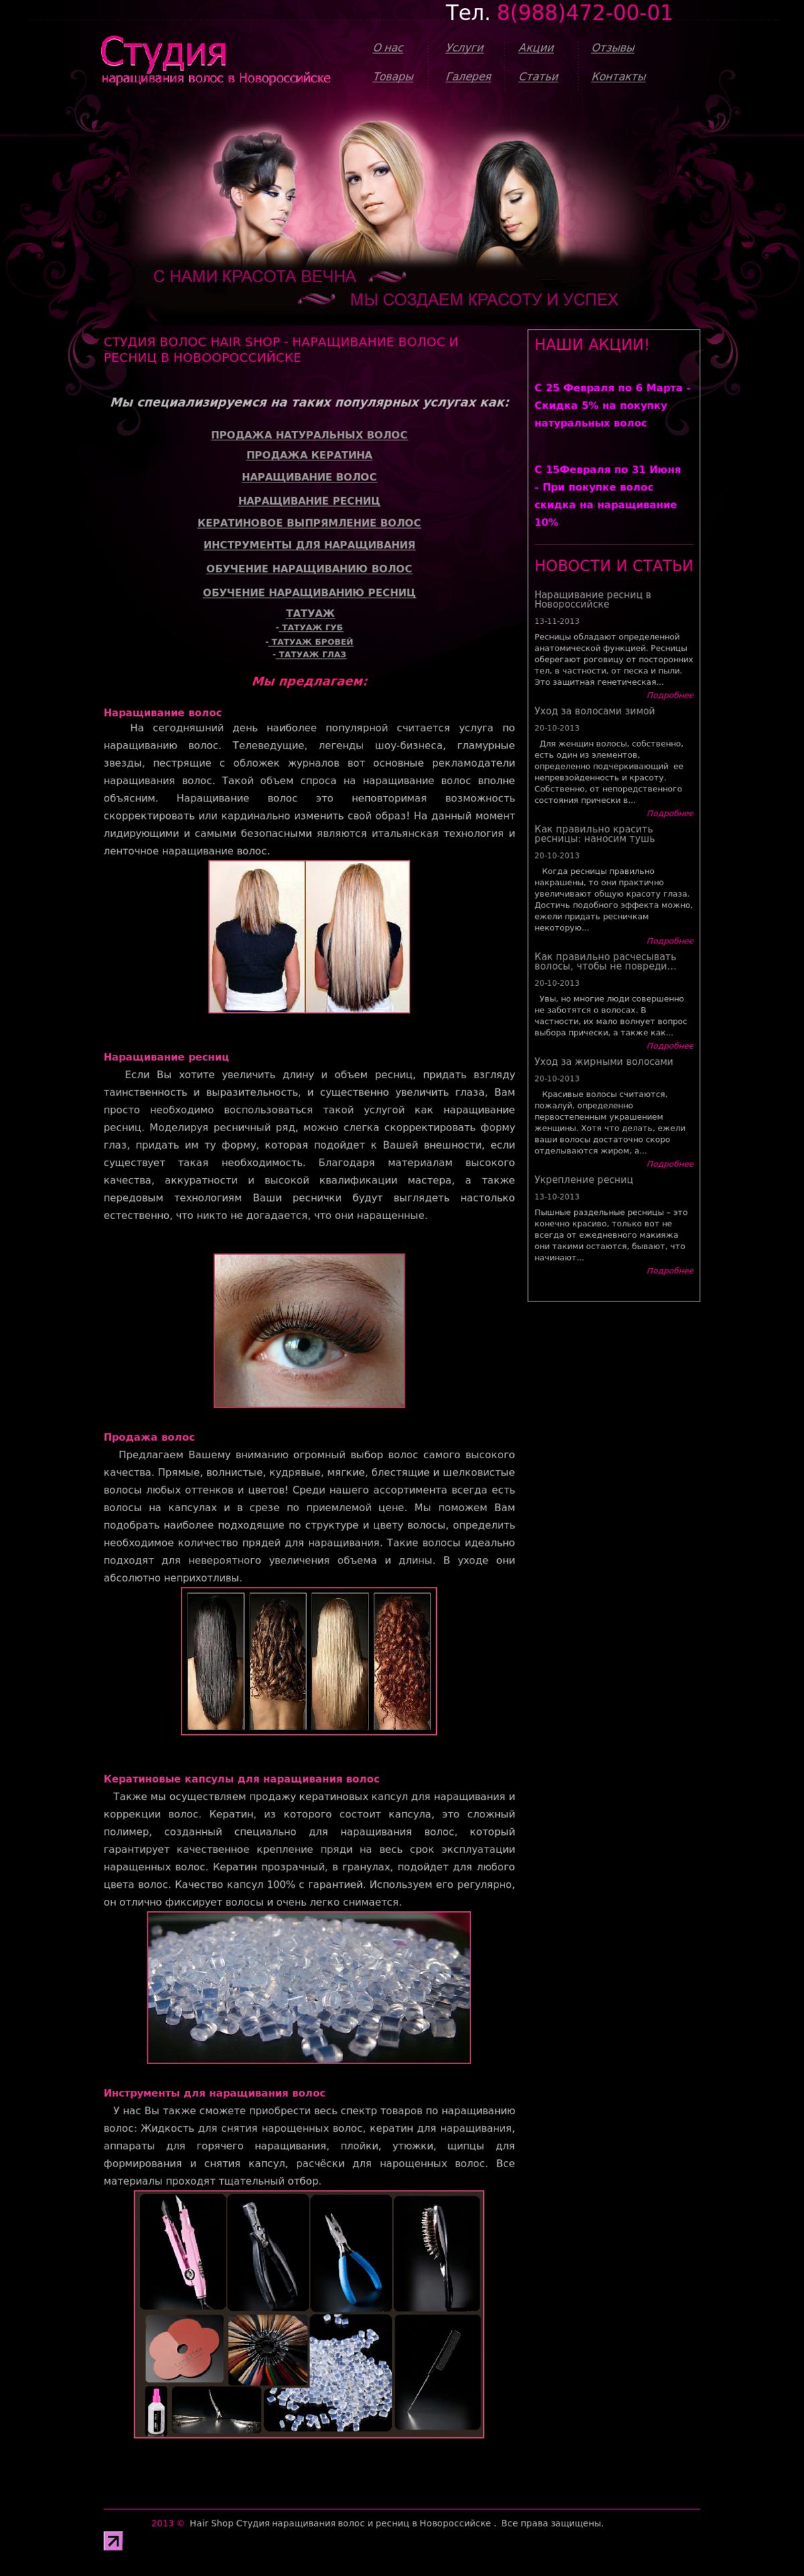 Студия волос / Проект компании Веб Студия Hamelius